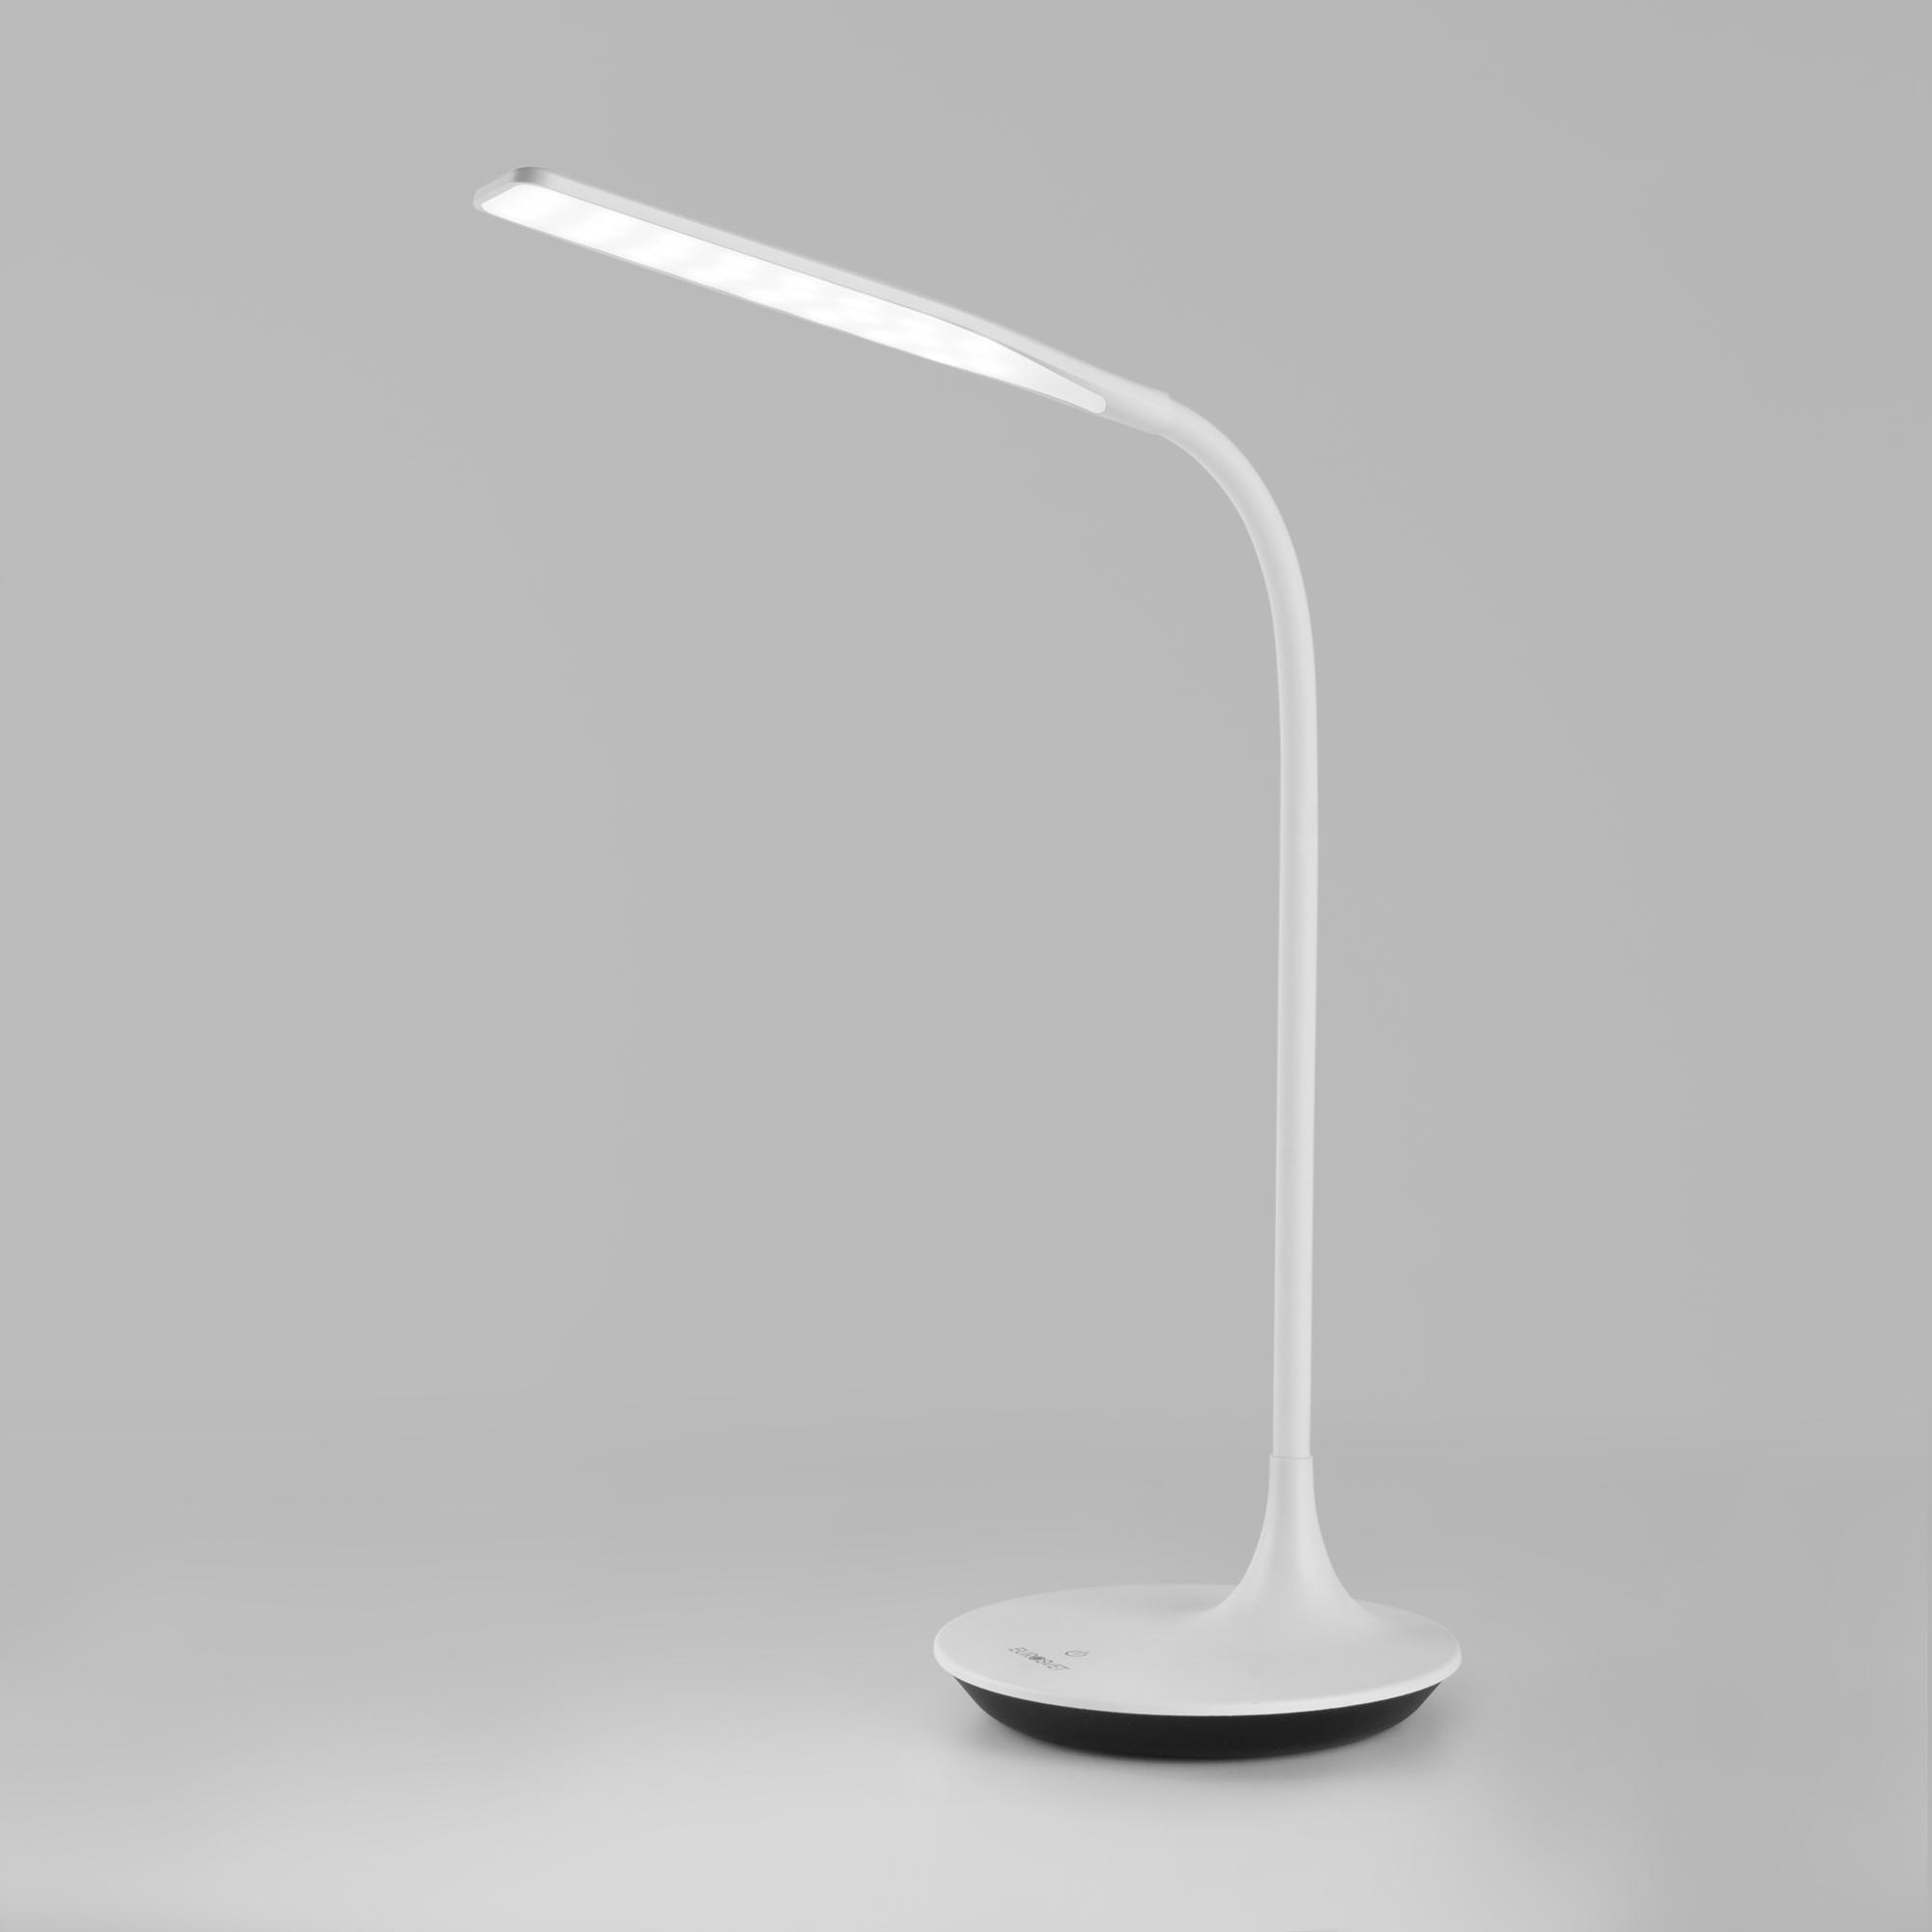 Светодиодная настольная лампа с сенсорным управлением Elektrostandard 80422/1 белый